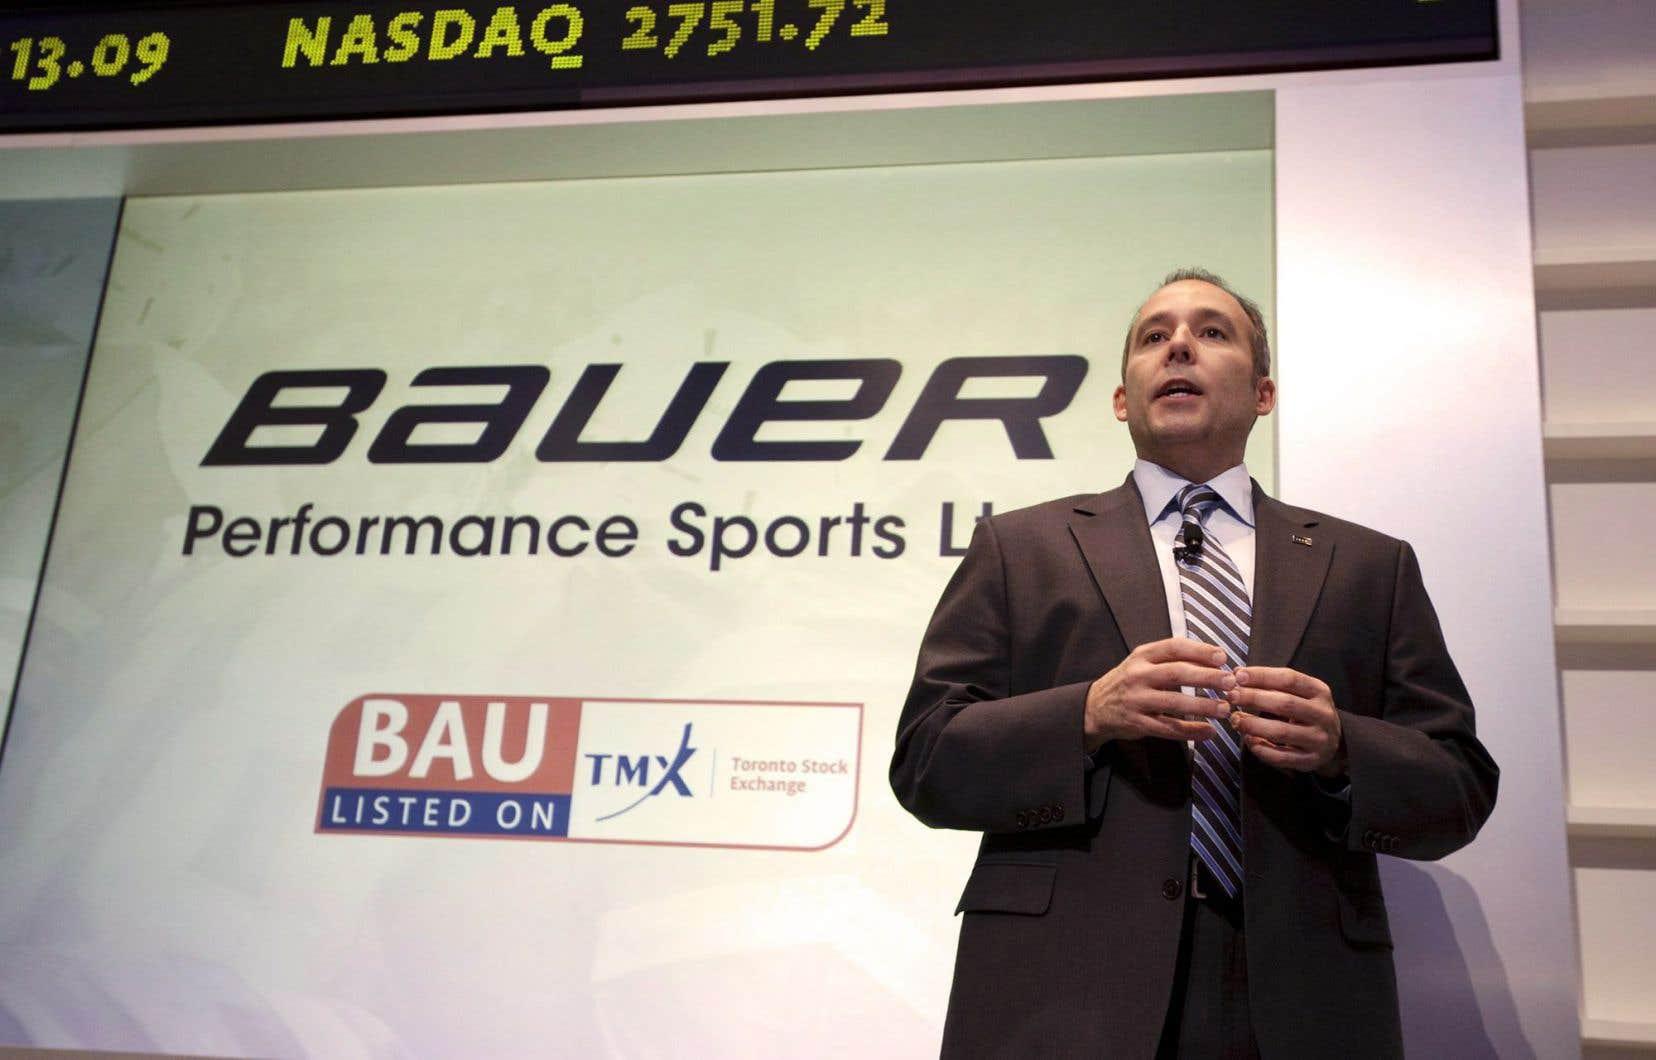 Kevin Davis, le président et directeur général de Bauer Performance Sports, lors d'une conférence de presse évoquant l'entrée en Bourse de l'entreprise, en mars2011. Depuis un an, Bauer a vu son action chuter.